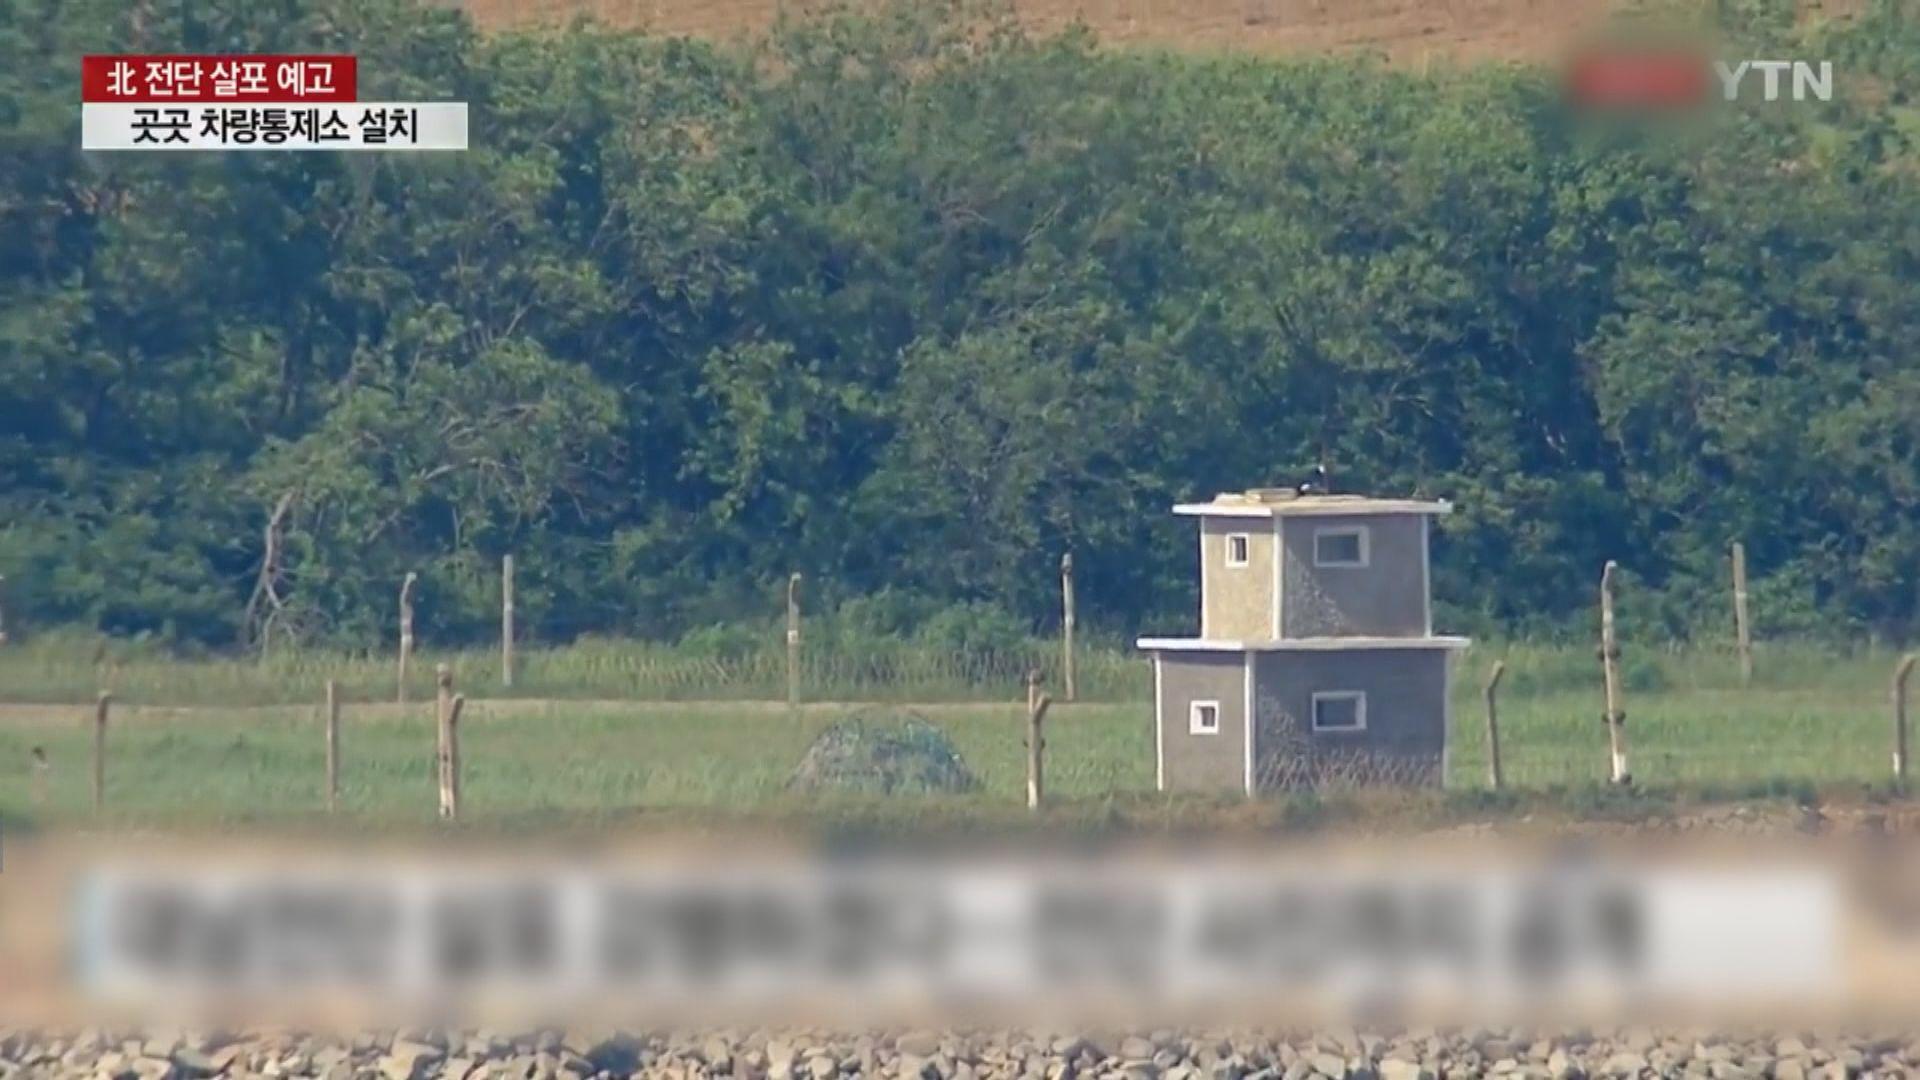 北韓男子越境被南韓扣留